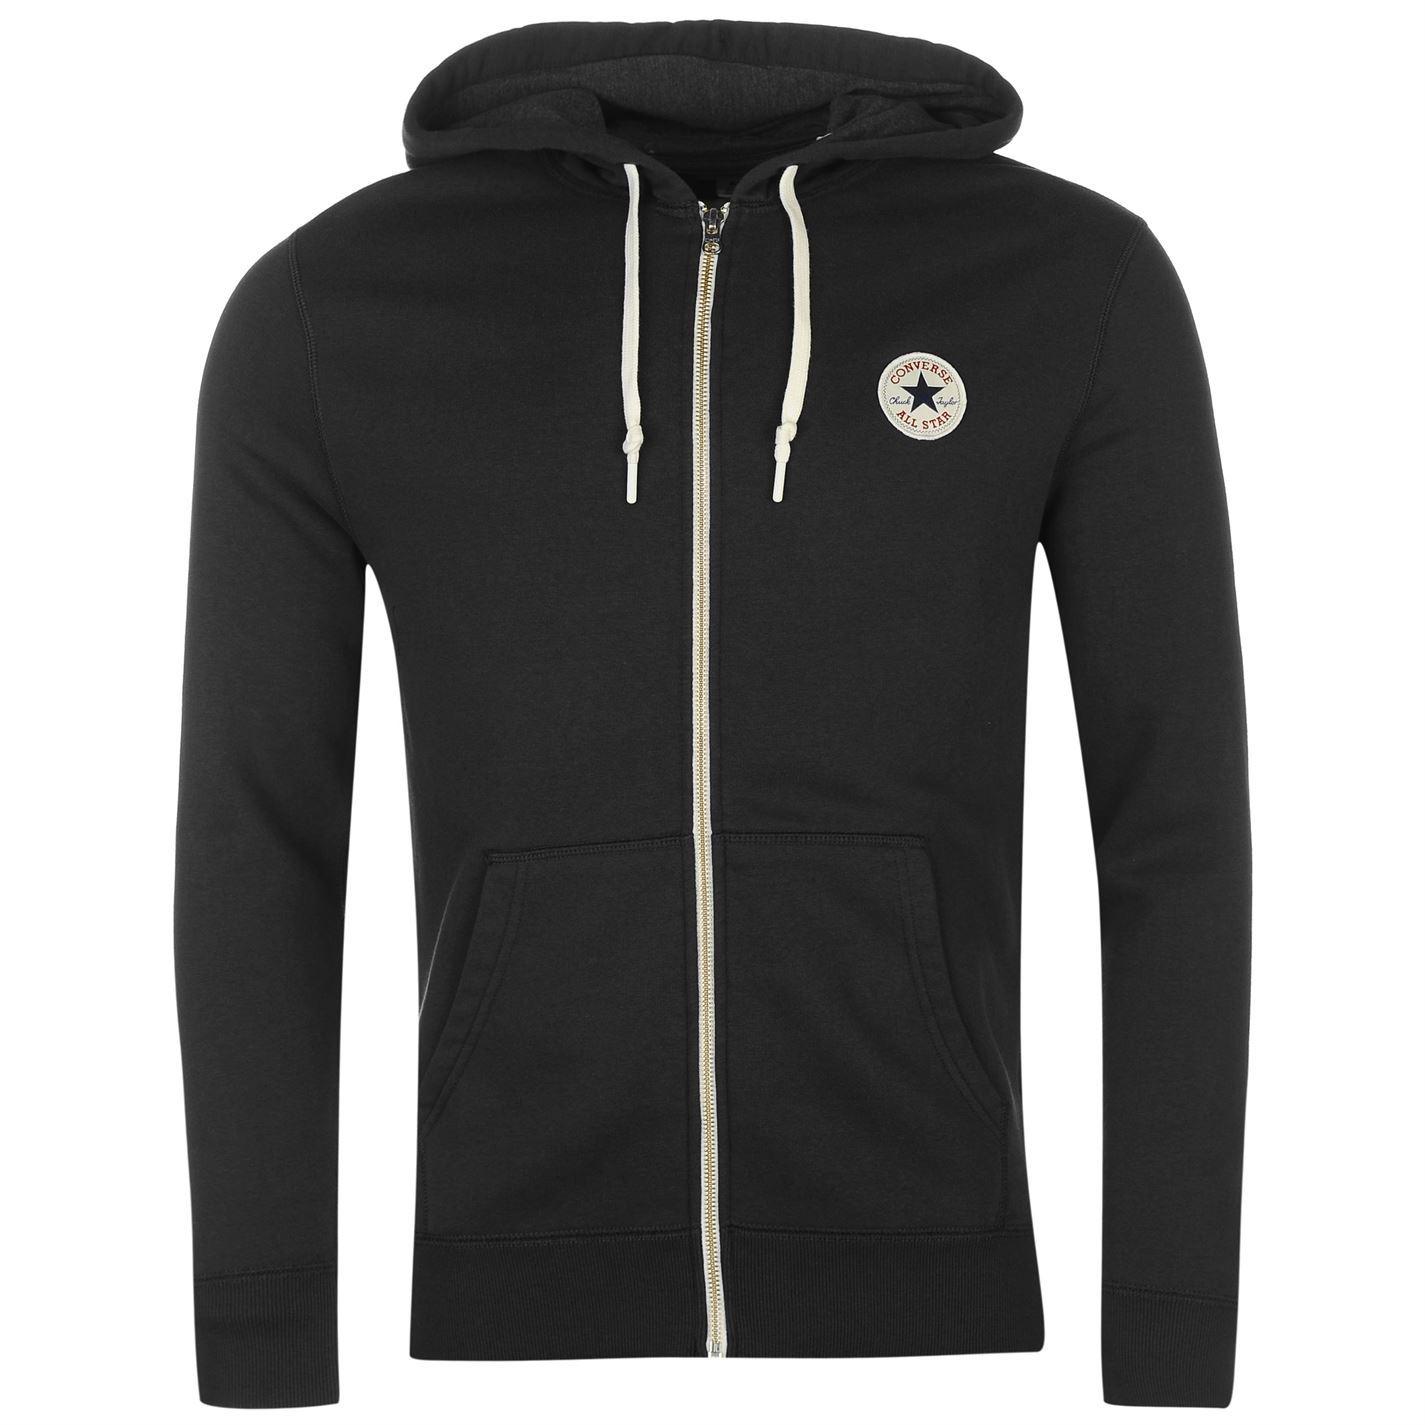 thumbnail 6 - Converse Core Full Zip Hoody Jacket Mens Hoodie Sweatshirt Sweater Hooded Top